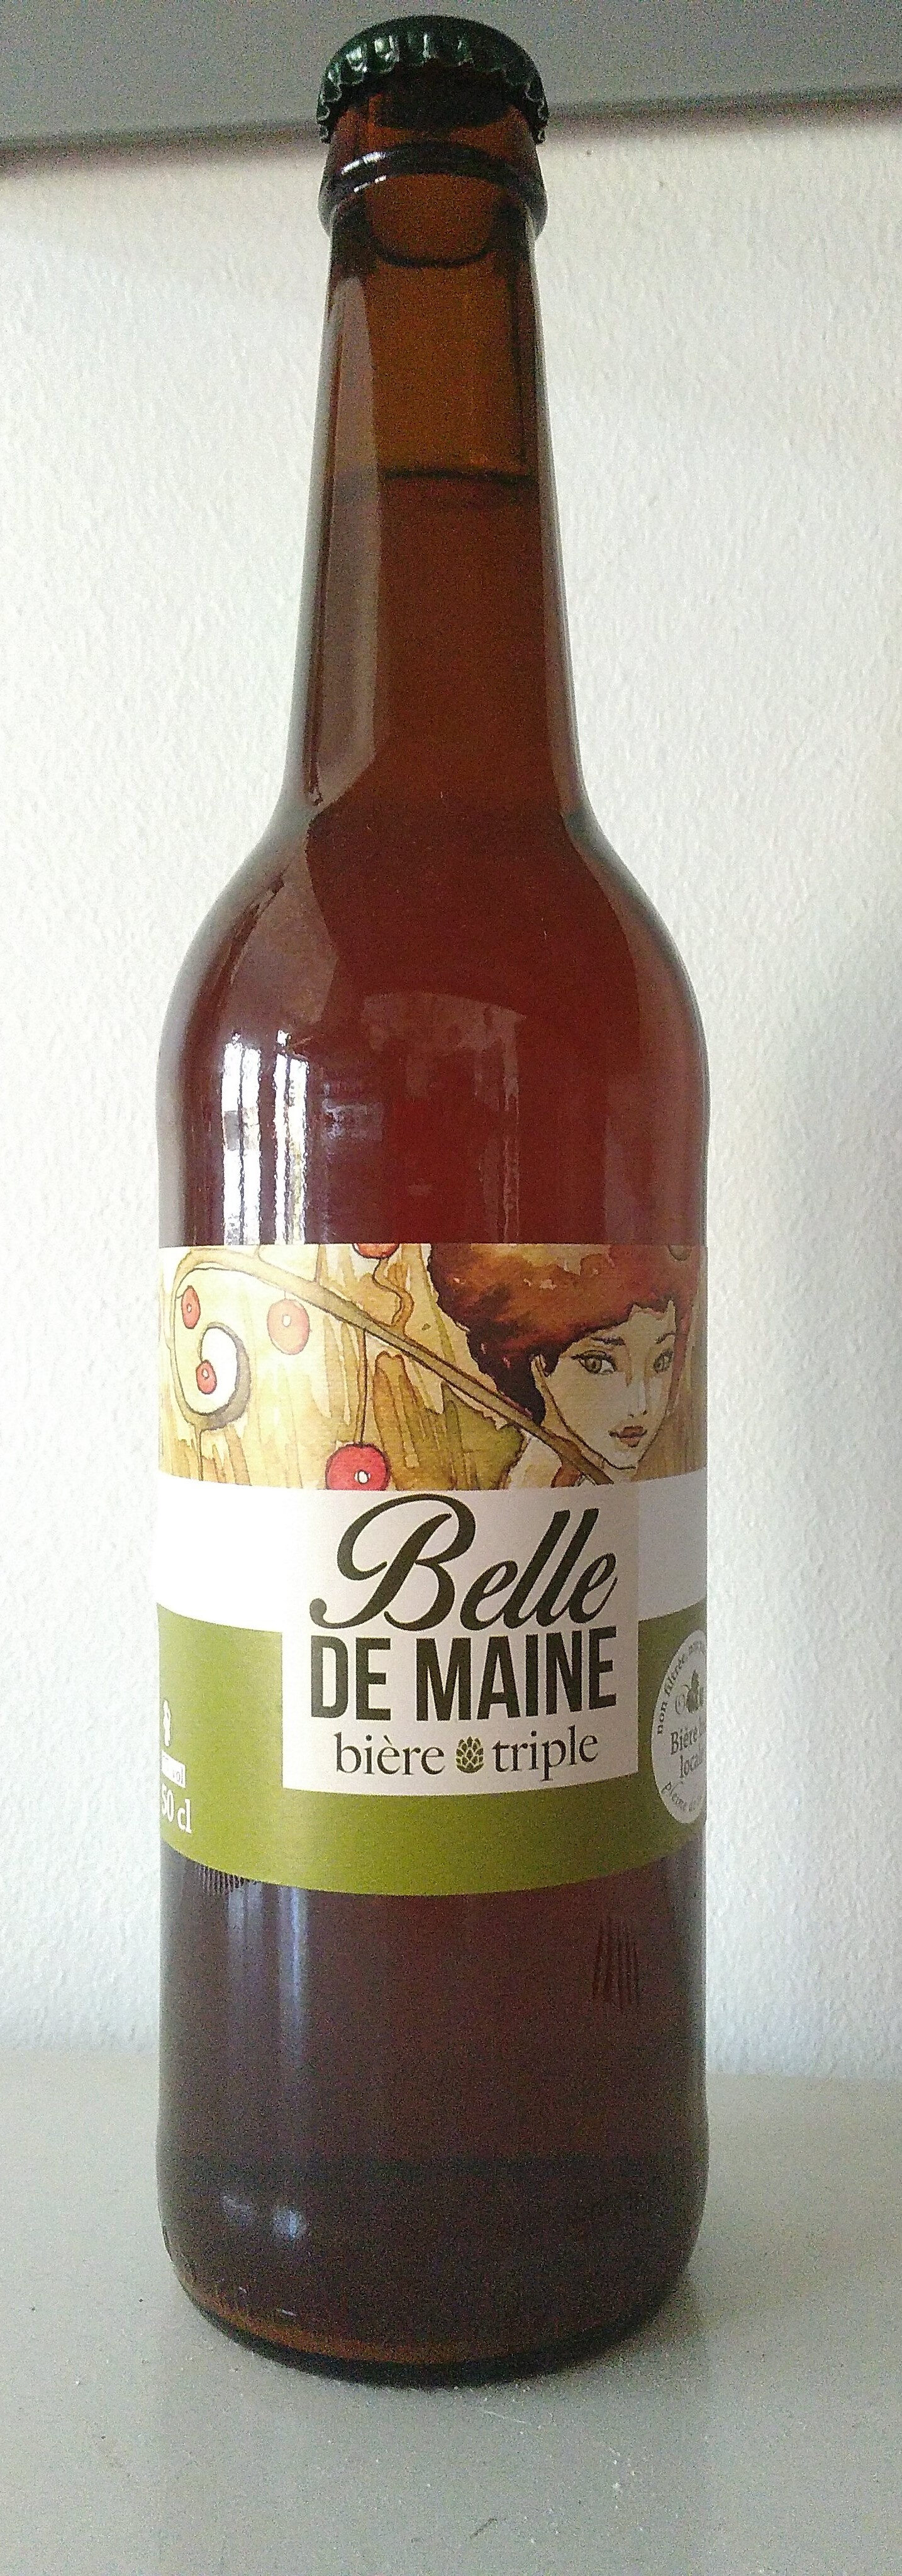 Belle de Maine triple - Product - fr